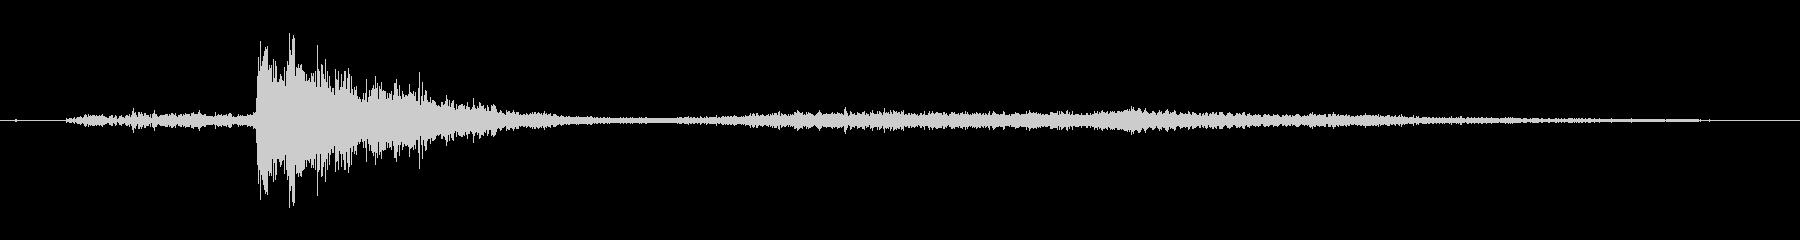 環境音 Sci-Fi Deep S...の未再生の波形